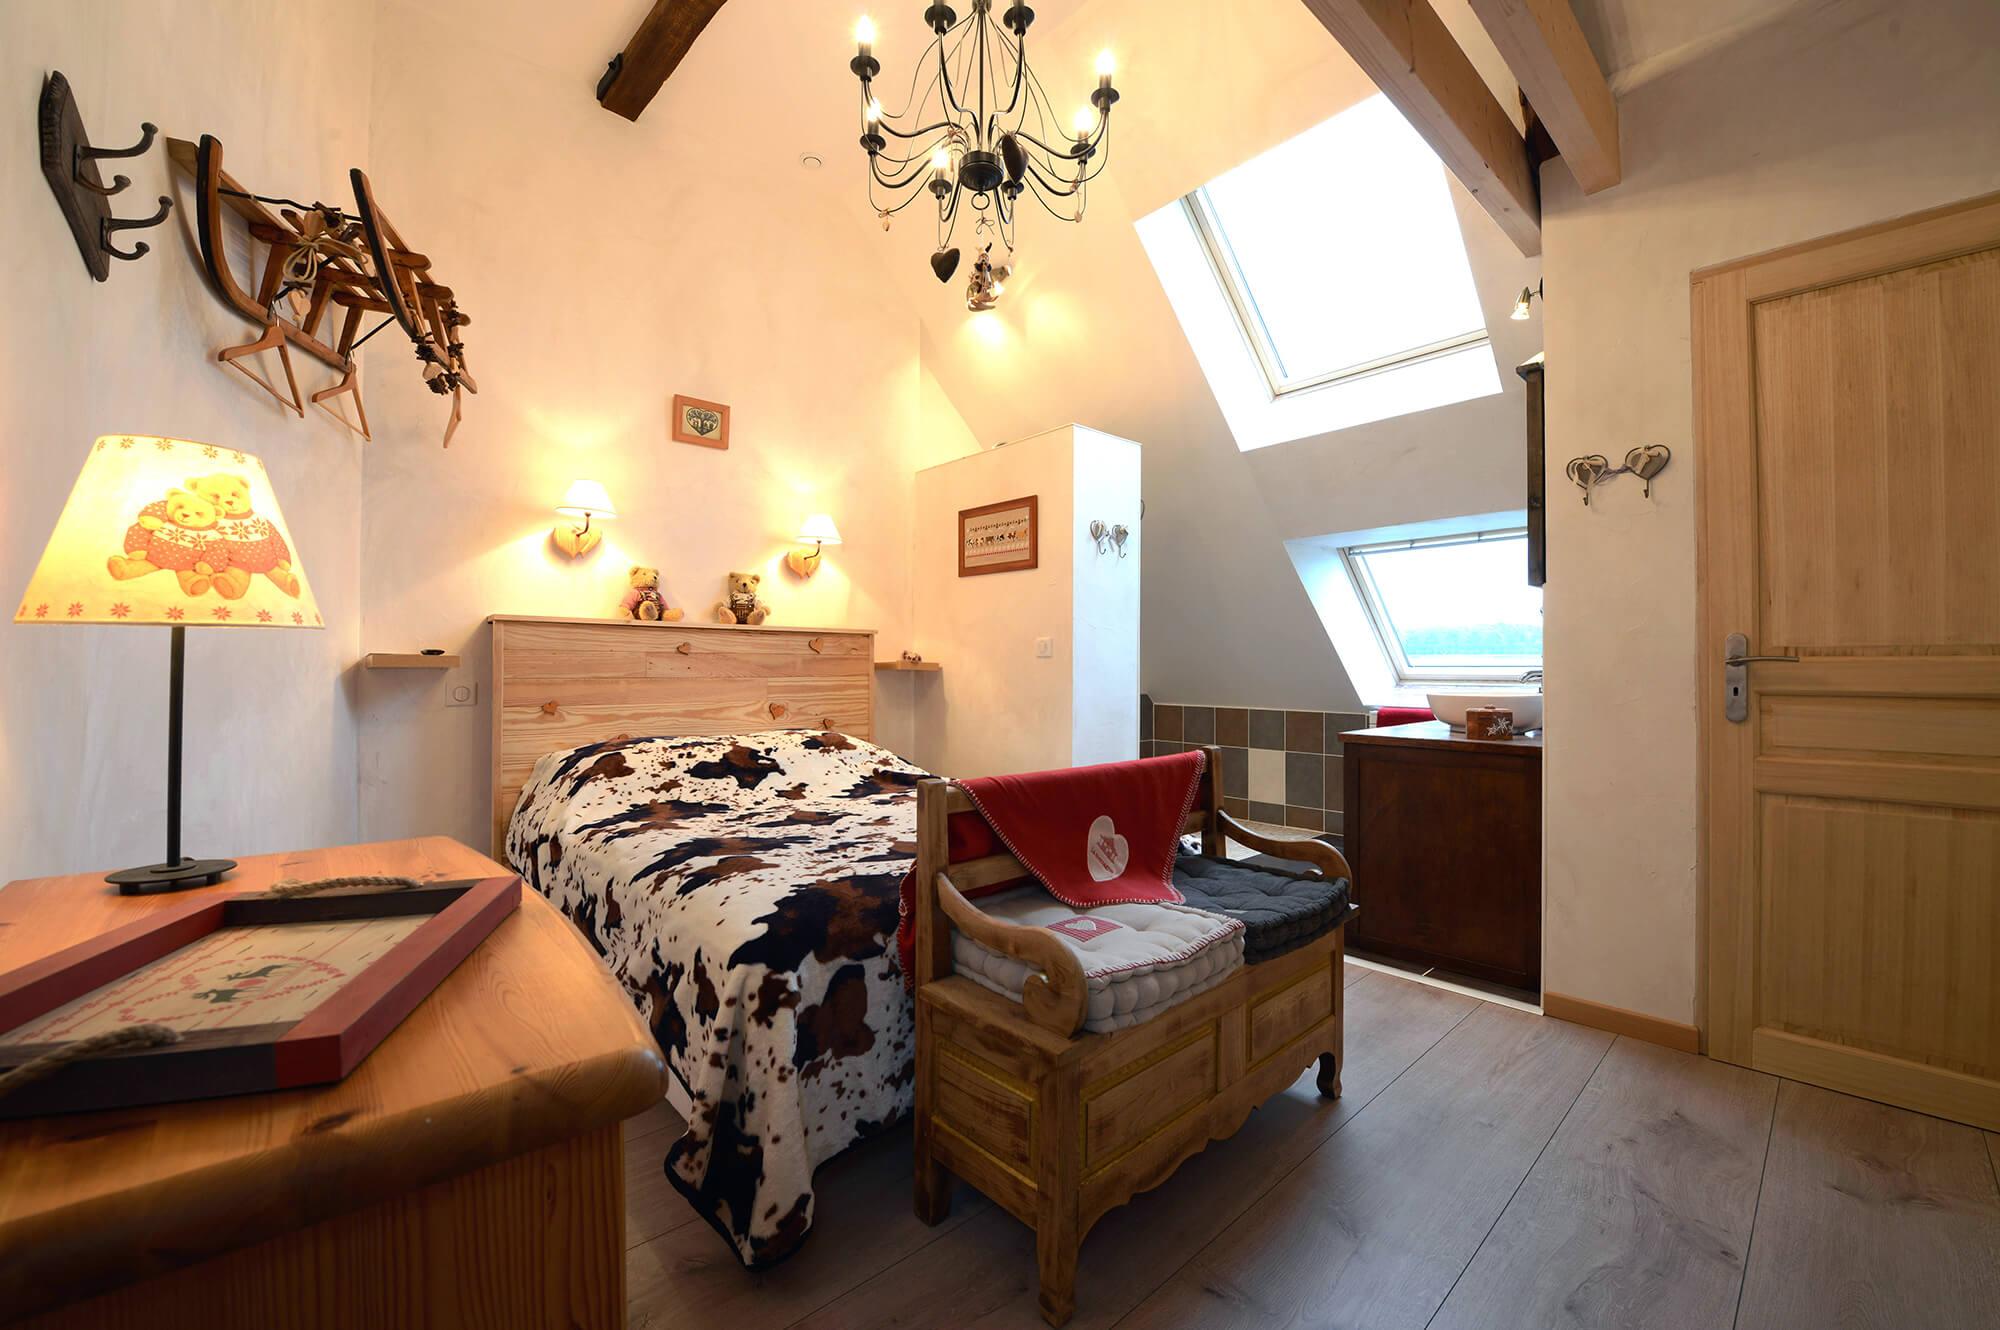 Chambre d'hôtes cosy et calme